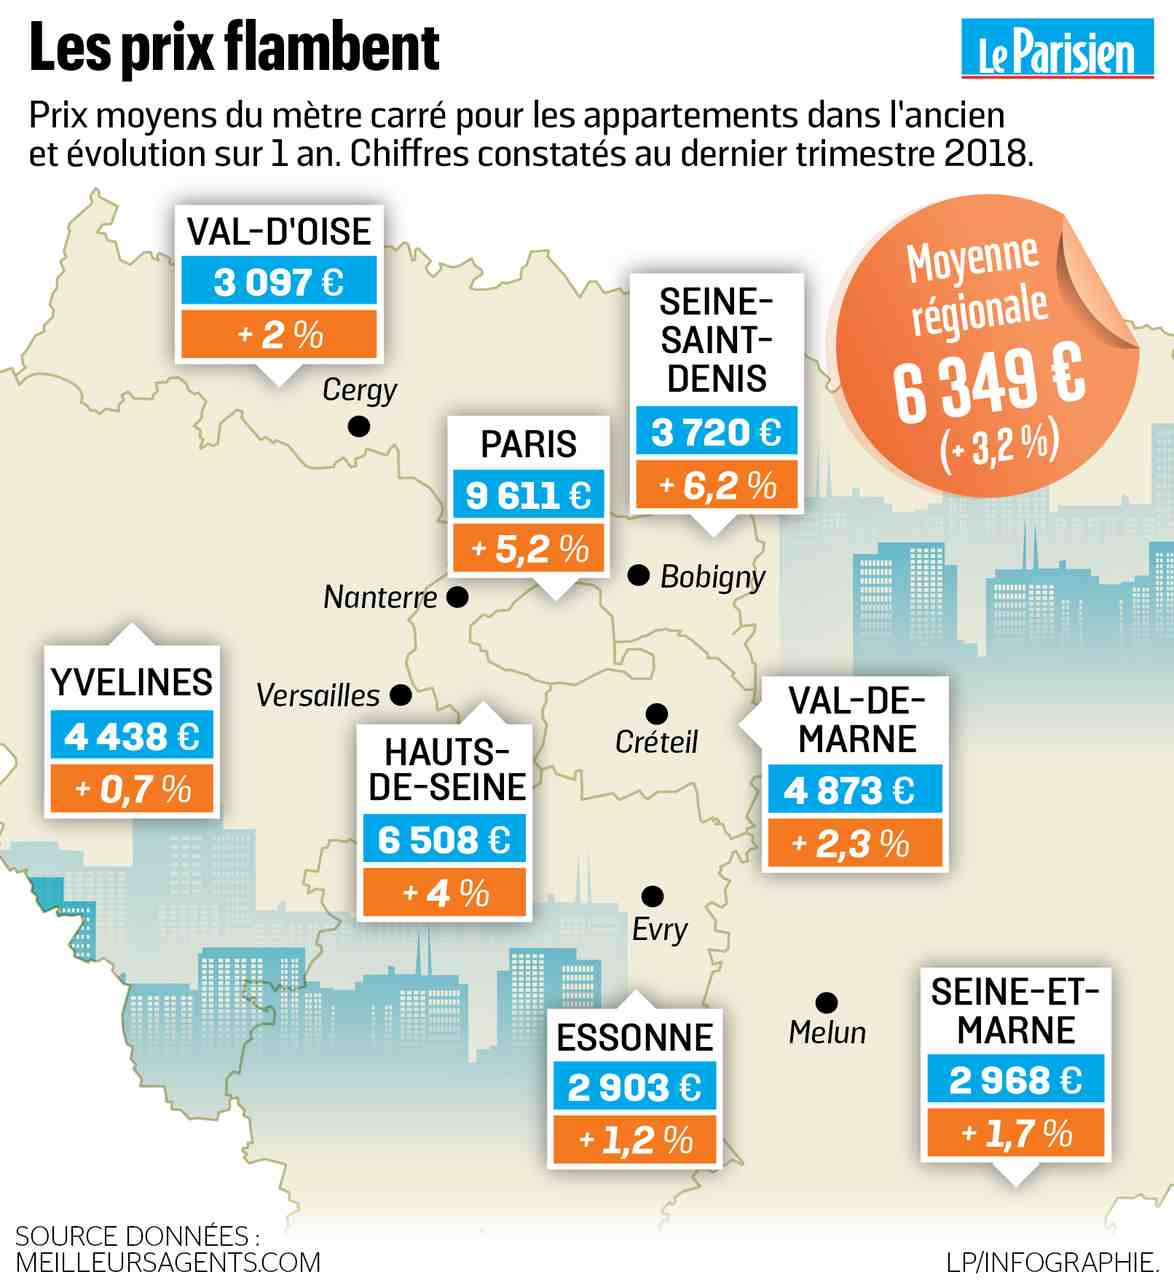 Quelles sont les villes les moins chères de France?